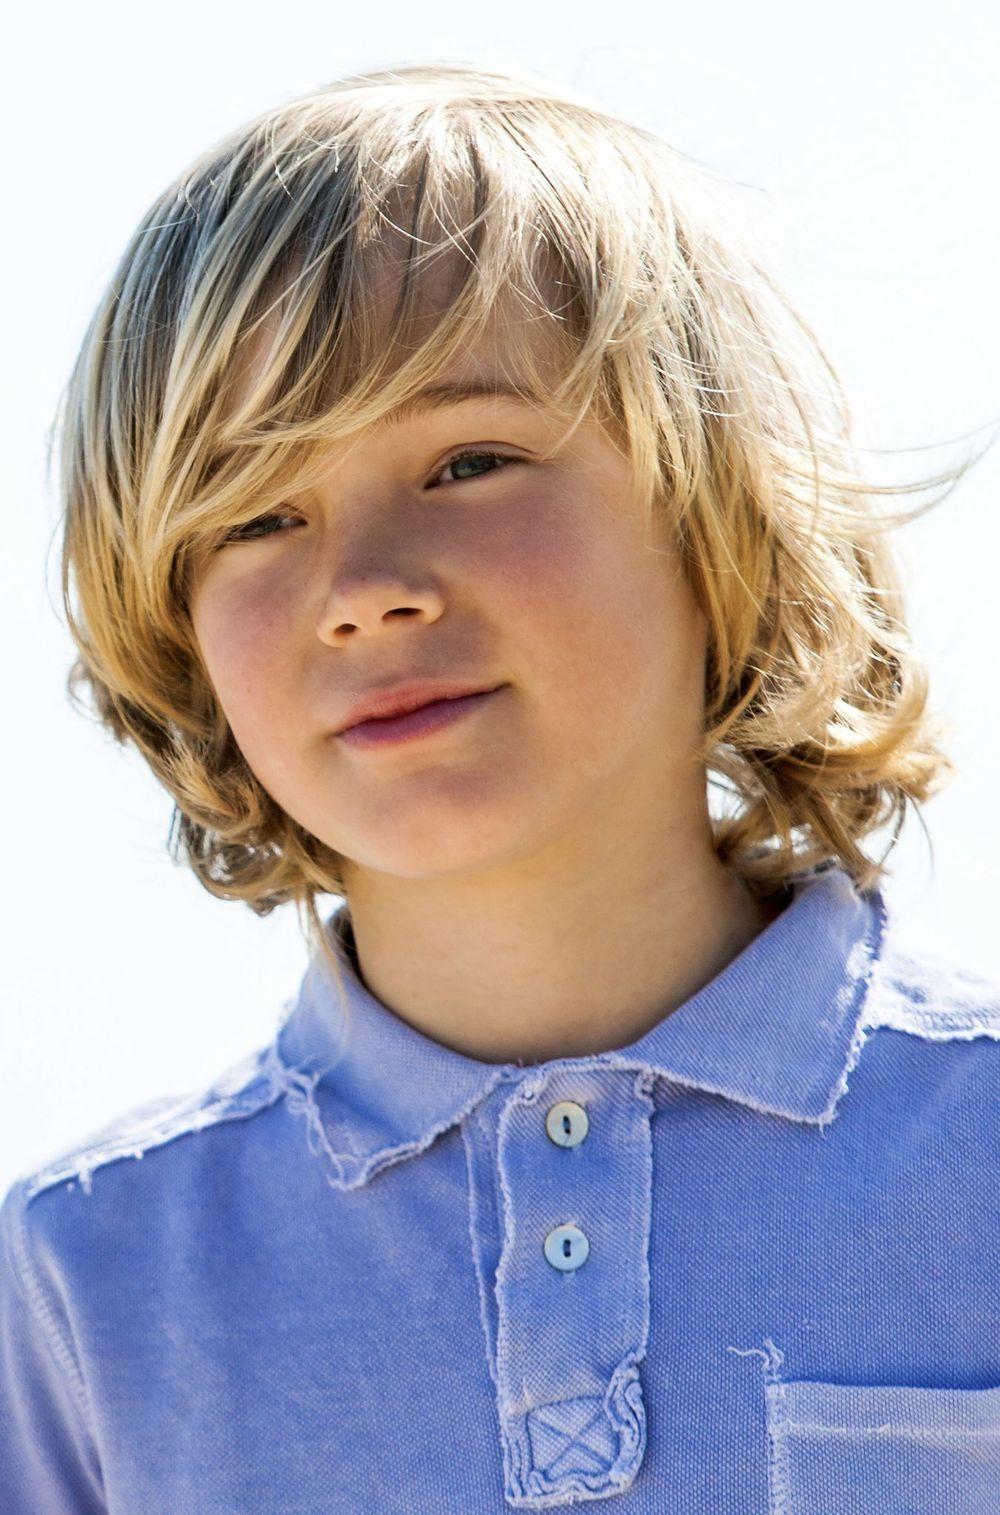 20 idées de coiffure pour enfant, fille ou garçon | Coupe cheveux mi long garcon, Coupe de ...